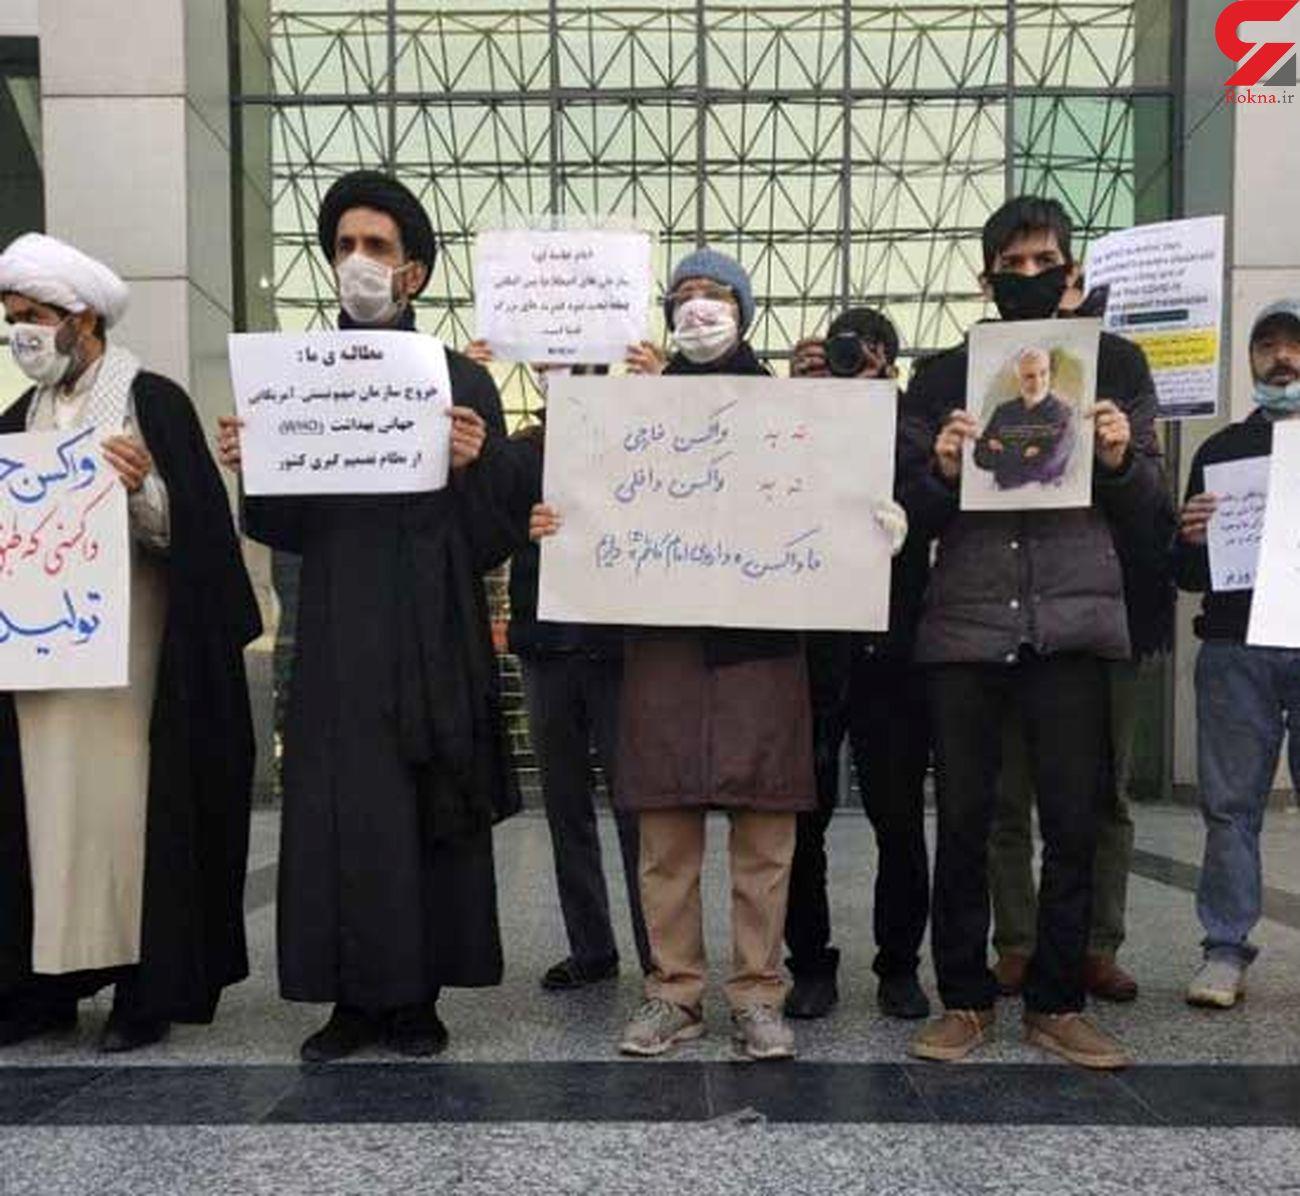 تجمع در اعتراض به  واکسن خارجی کرونا مقابل وزارت بهداشت + عکس